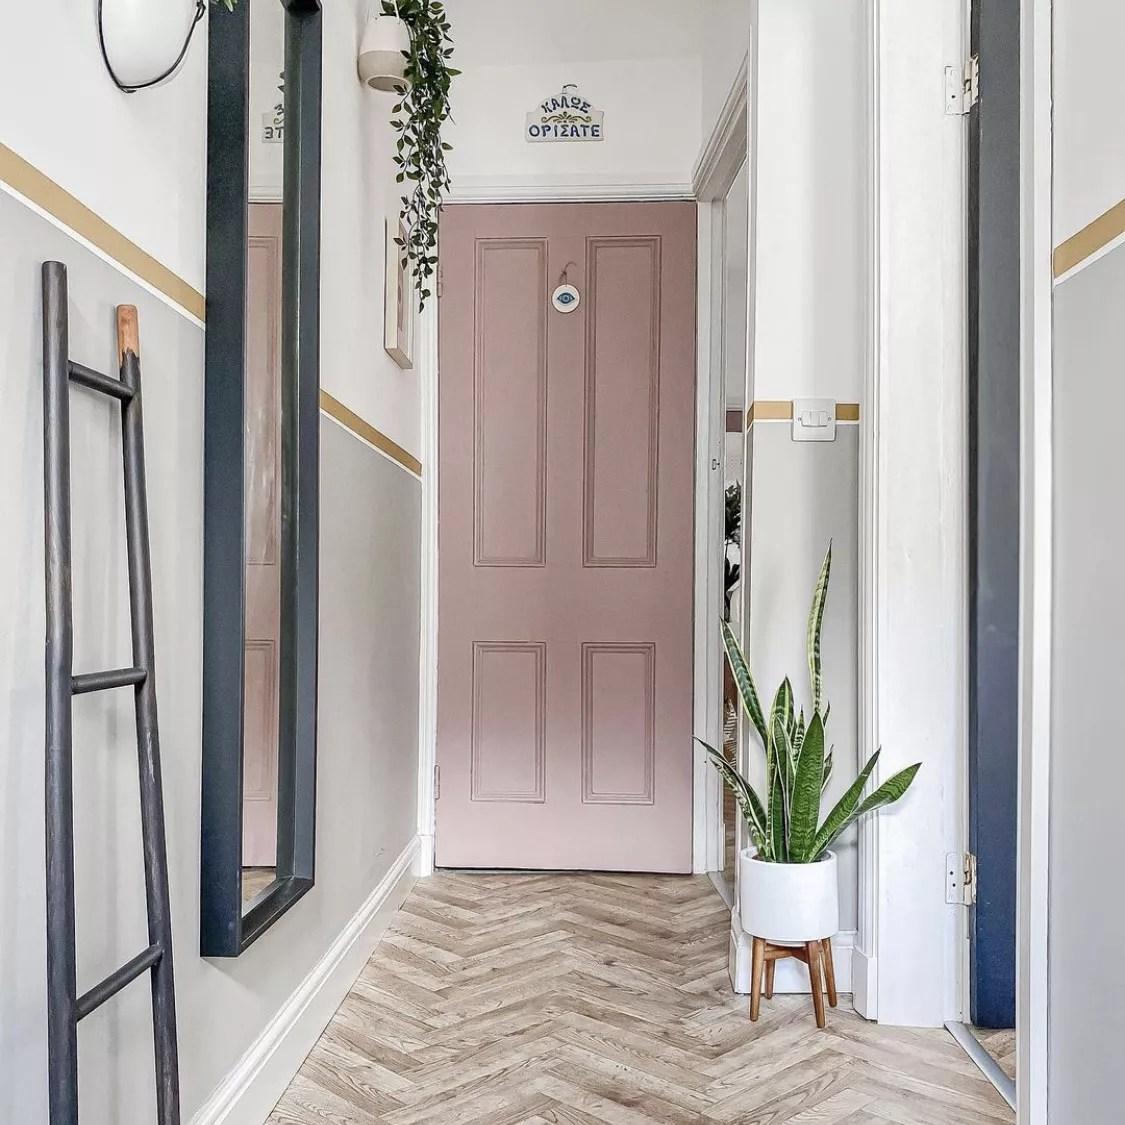 Light grey colorblock entryway.